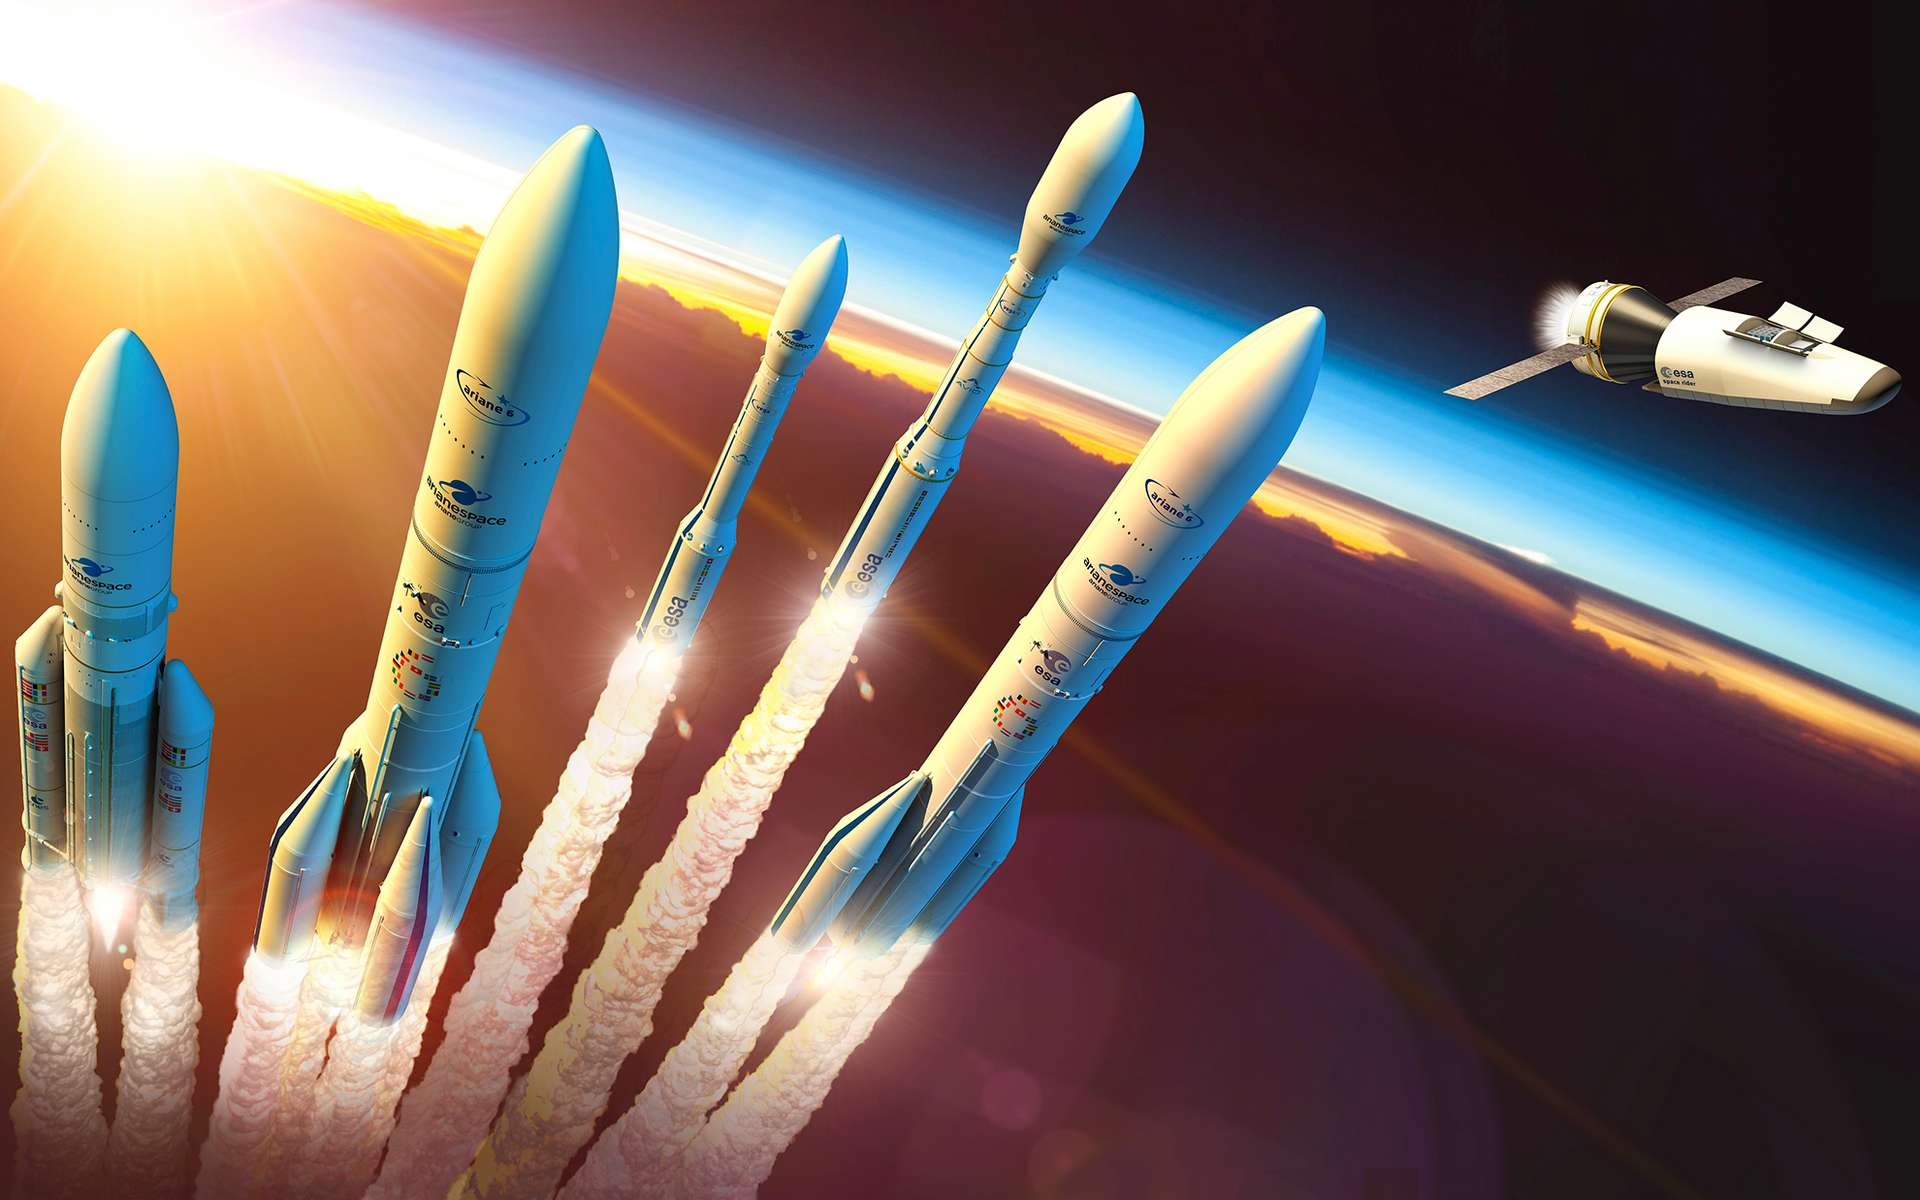 La gamme des lanceurs de l'Europe et le Space Rider de l'agence spatiale européenne. © ESA, D. Ducros